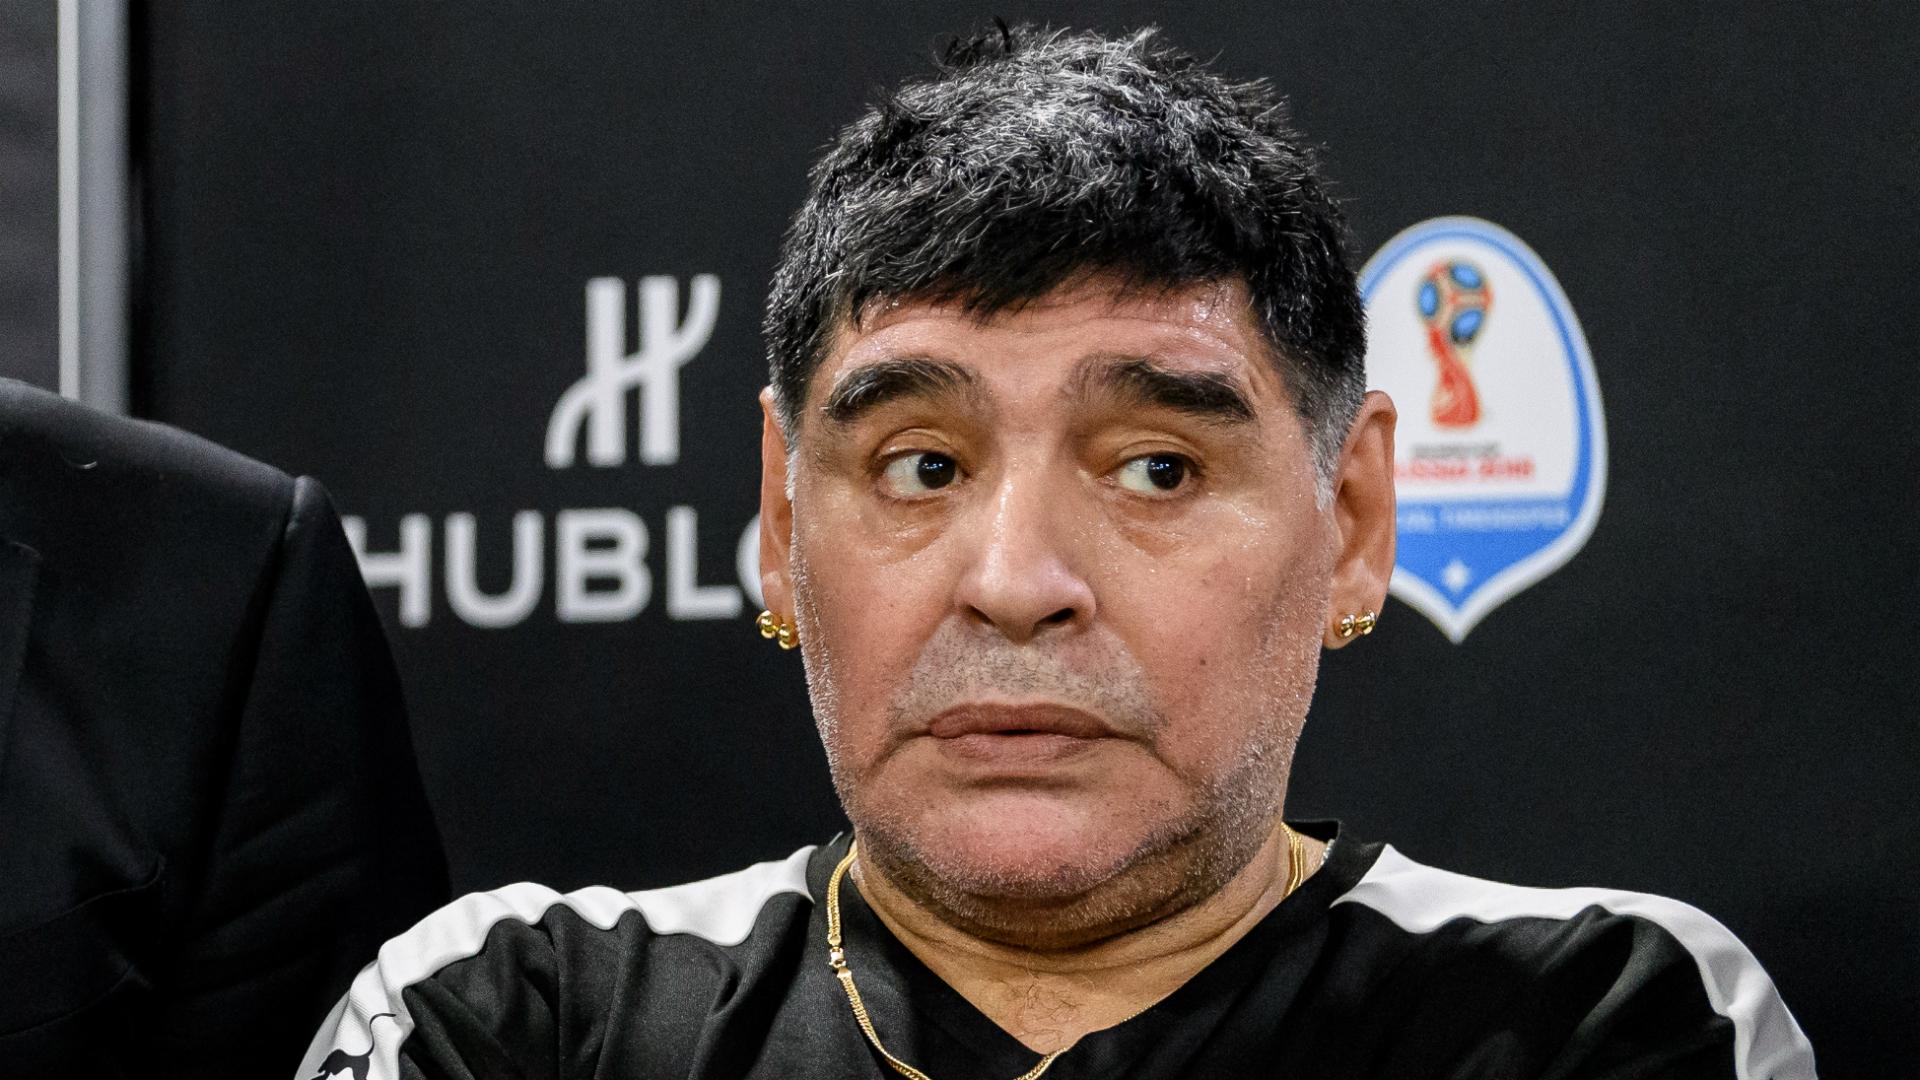 Diego Maradona dies: Boca Juniors' Copa Libertadores clash postponed